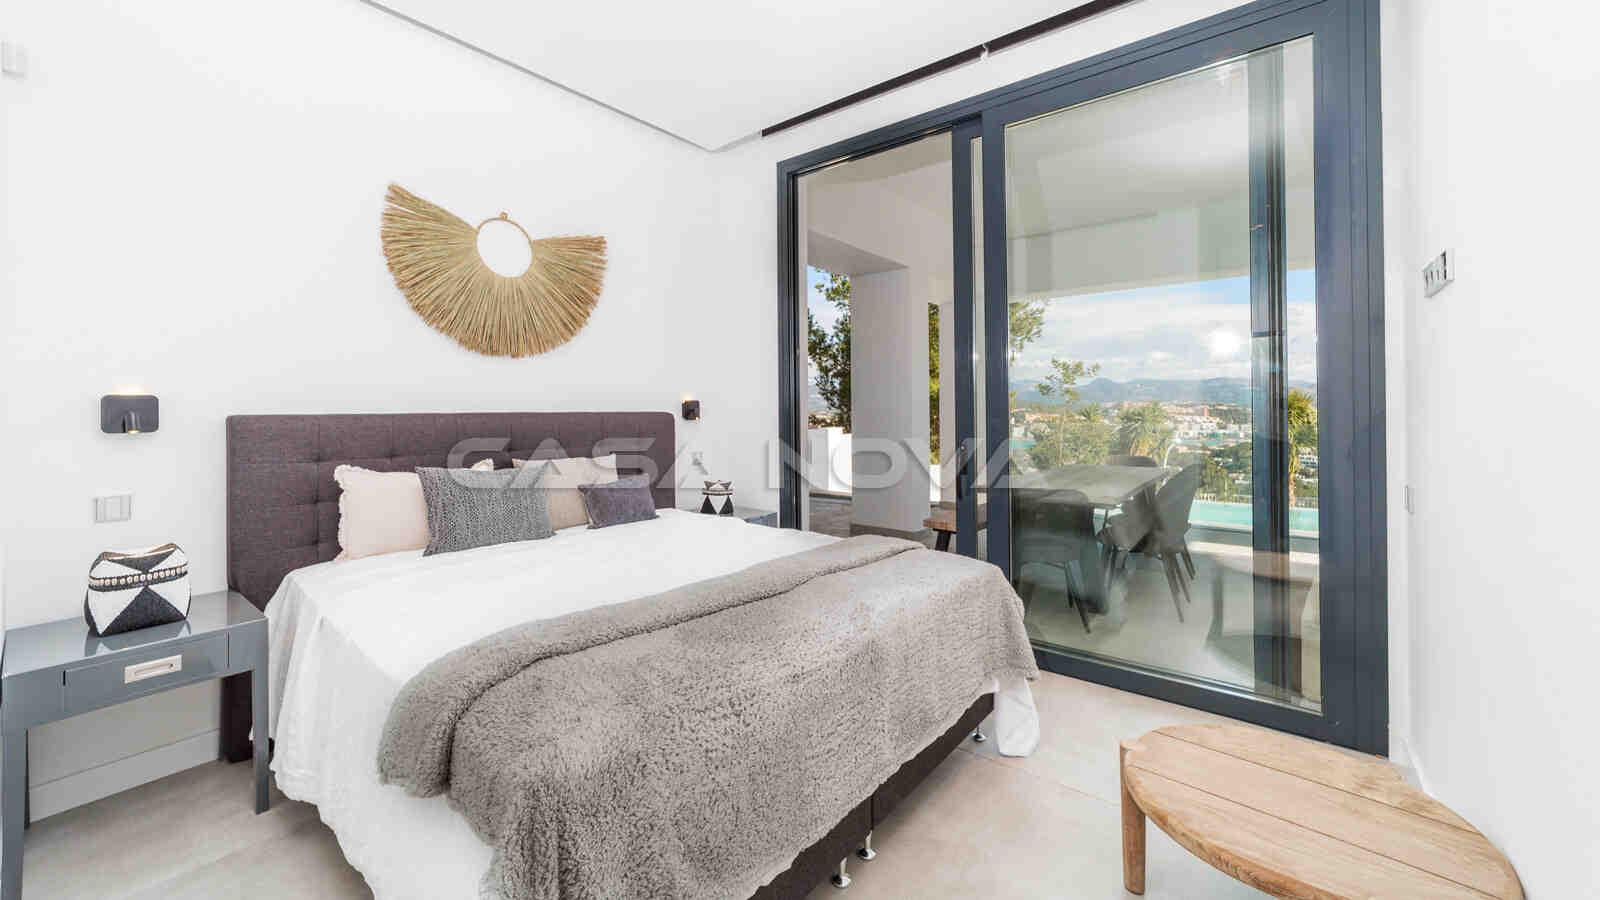 Drittes Schlafzimmer mit Zugang zum Außenbereich